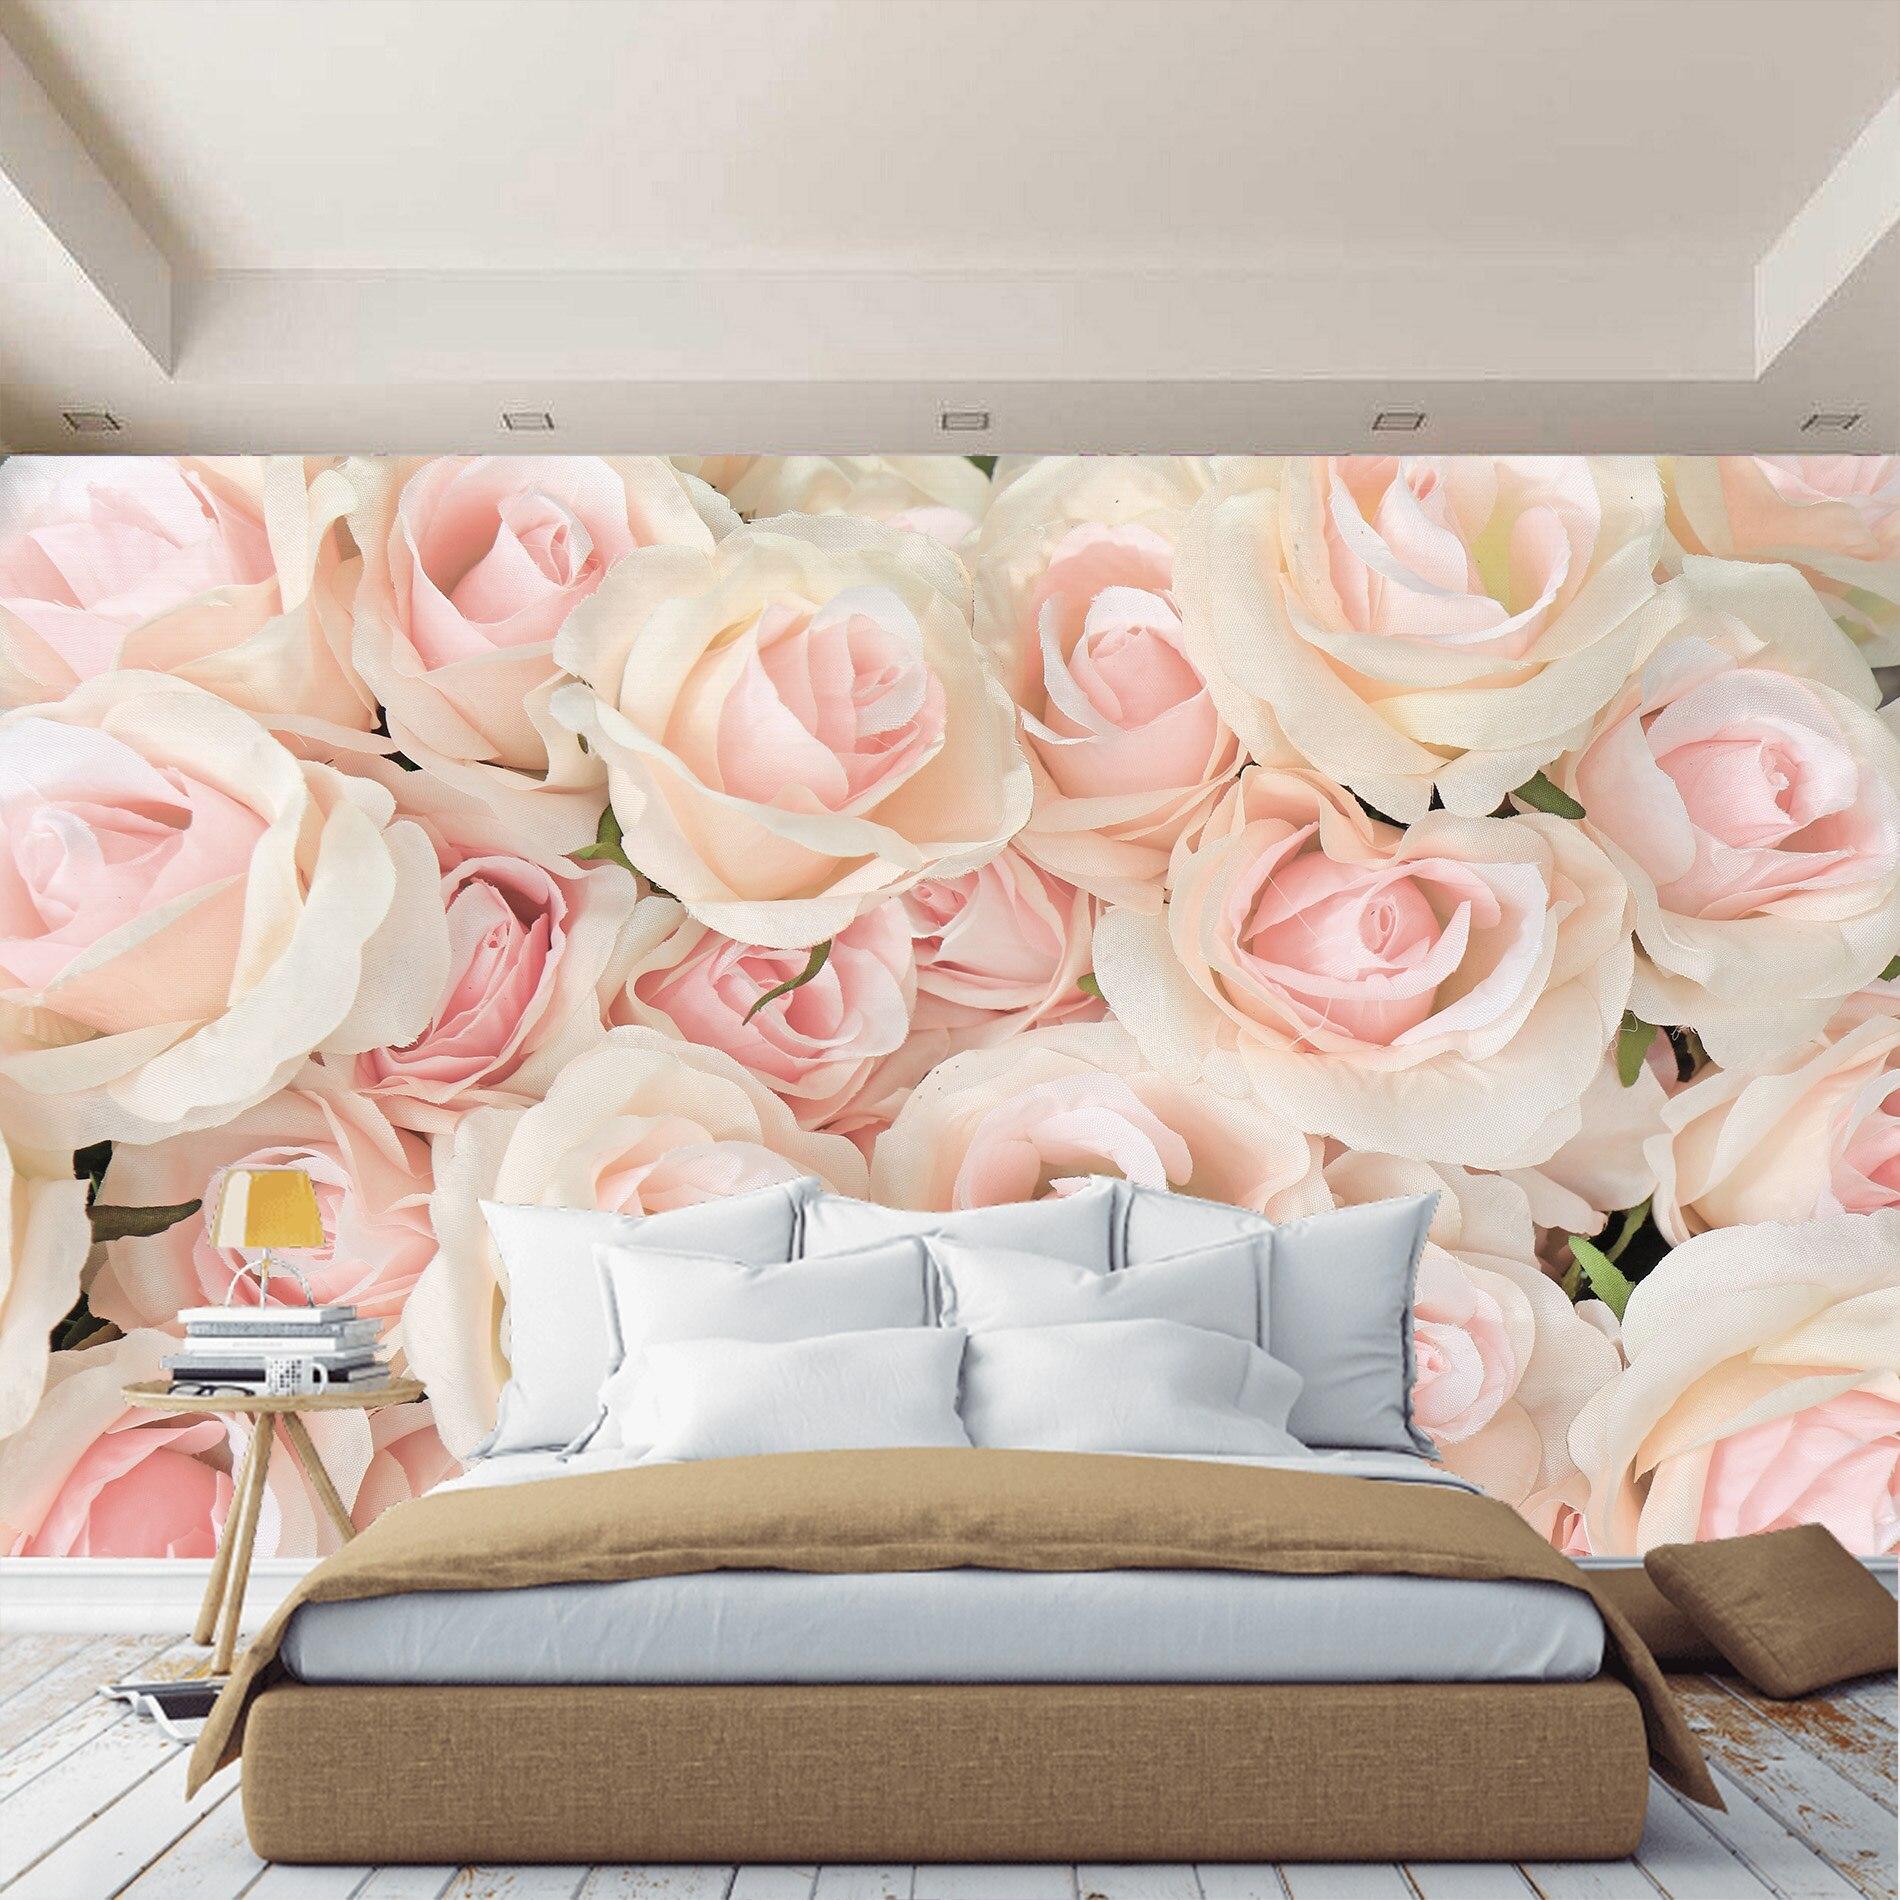 Papier peint Photo rose fleurs stéréoscopiques. 3D photo papier peint chambre, Hall, dans la maison.